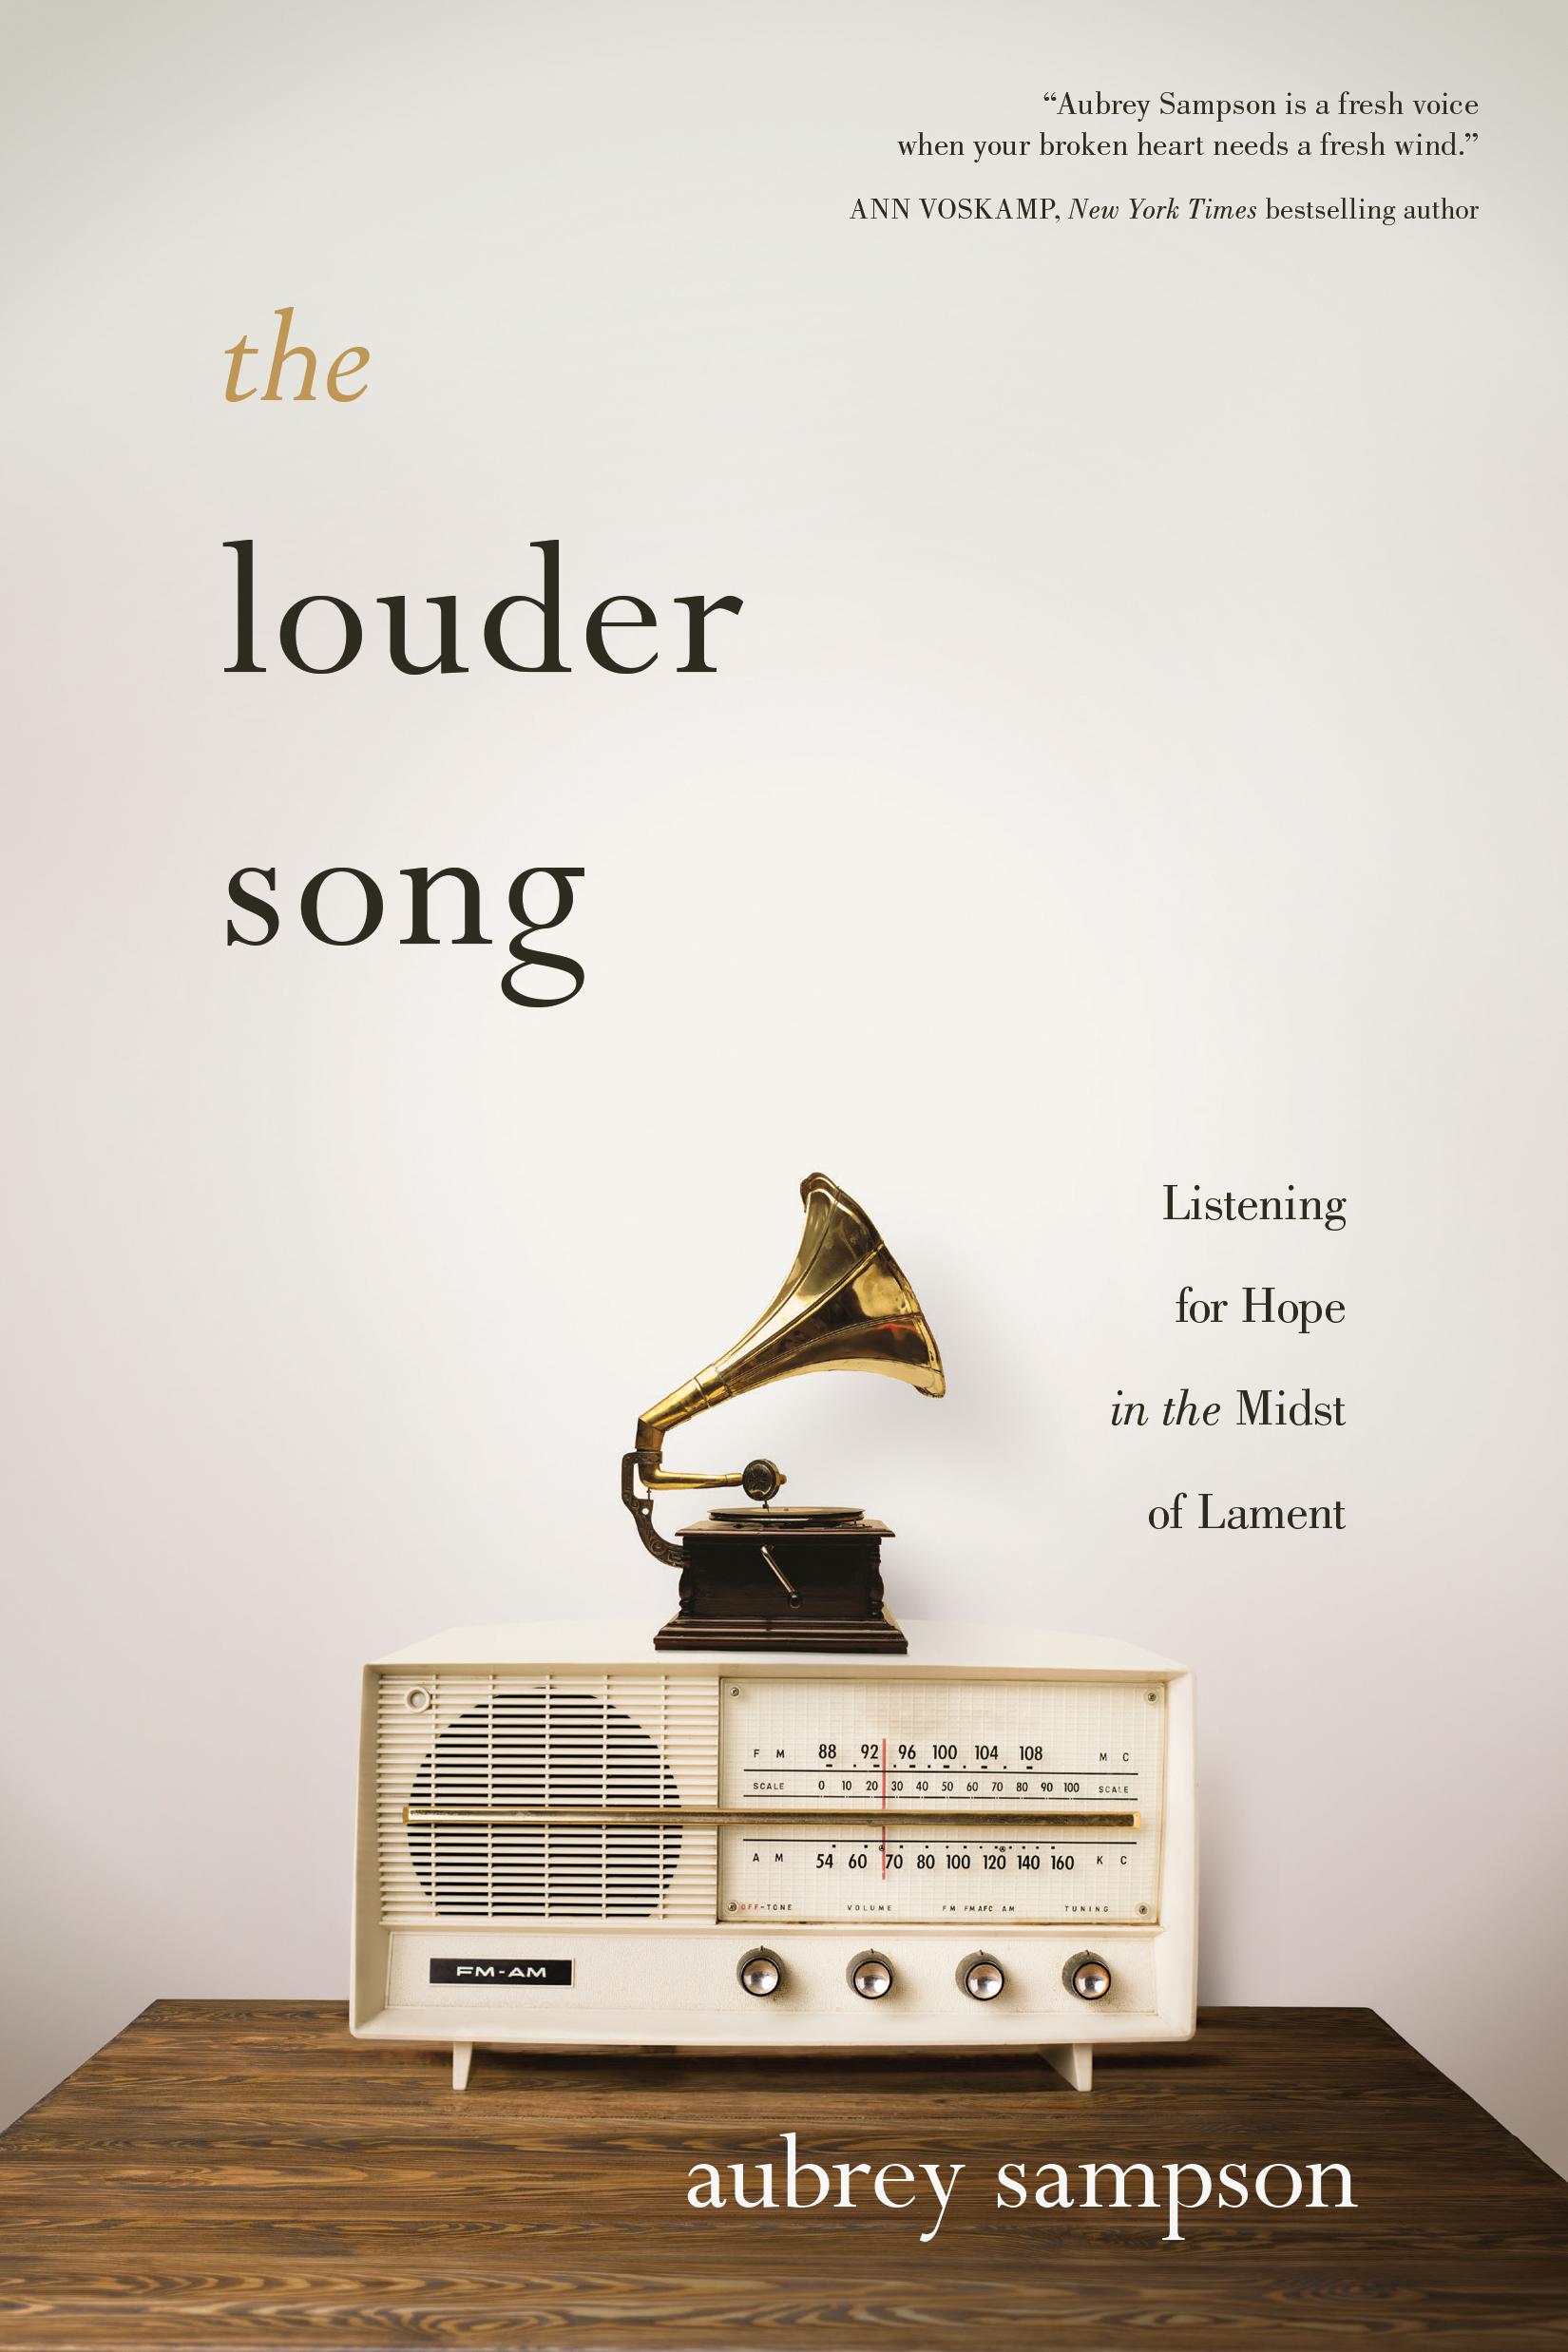 The Louder Song (1).jpg